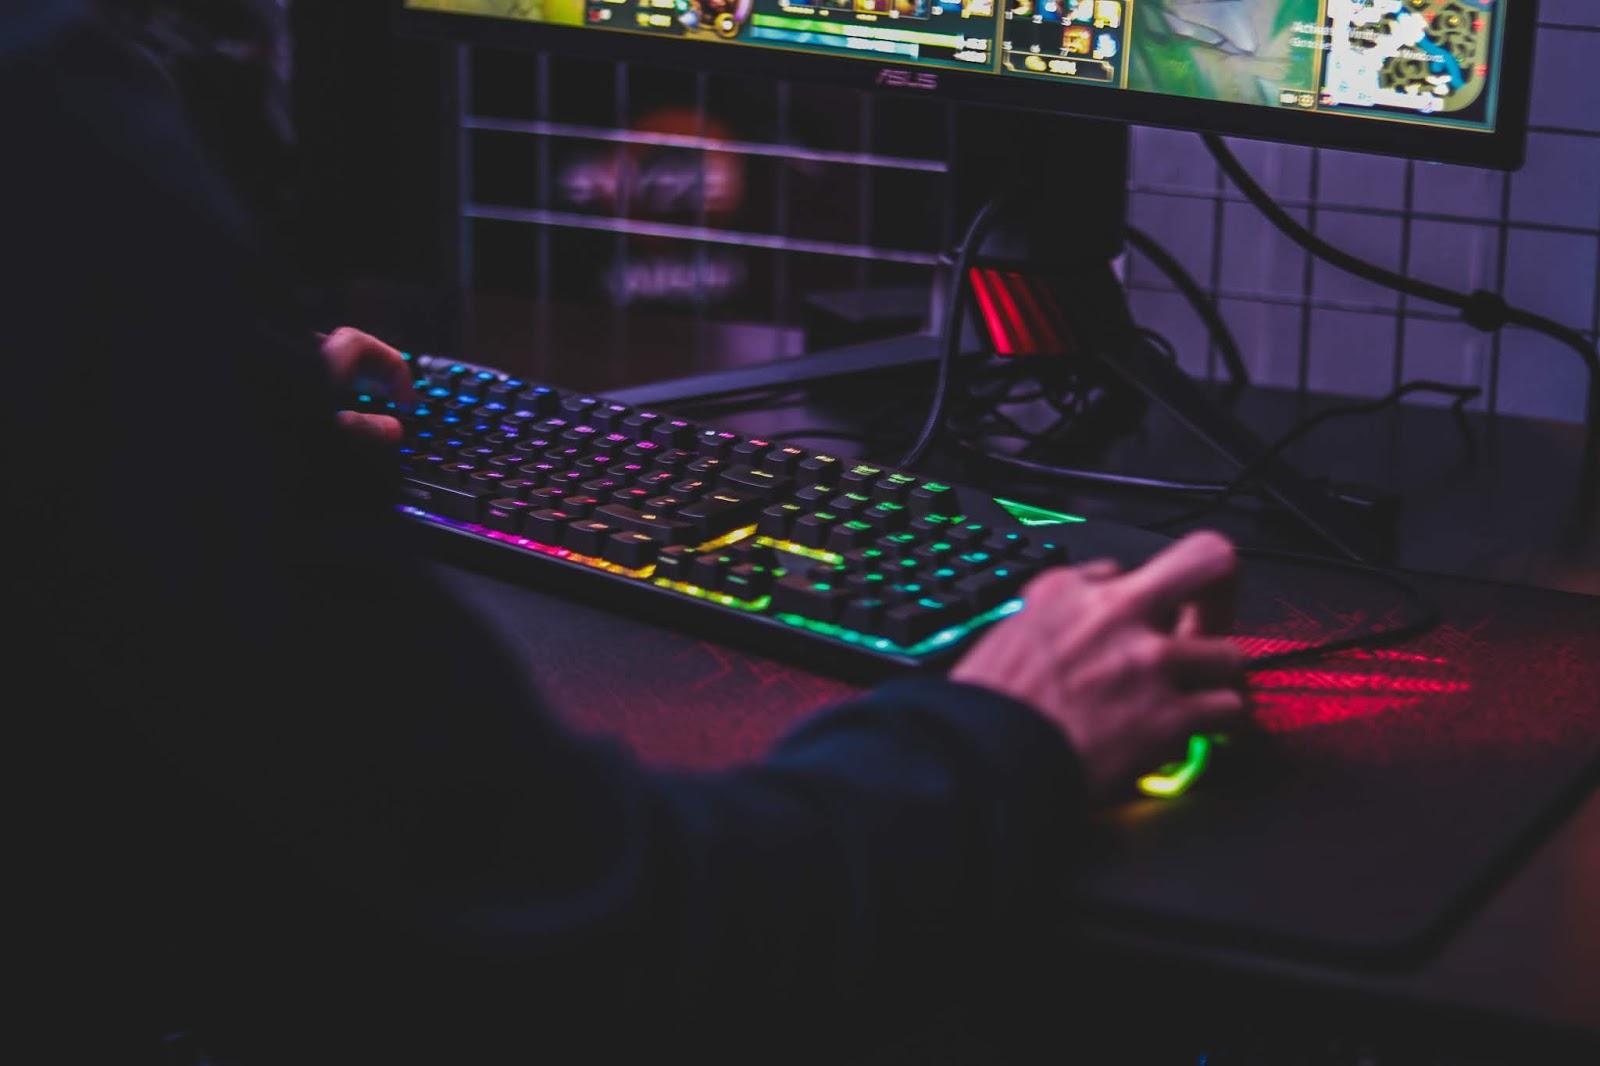 menjadi gamer bisa dijadikan sebagai sebuah profesi yang menghasilkan